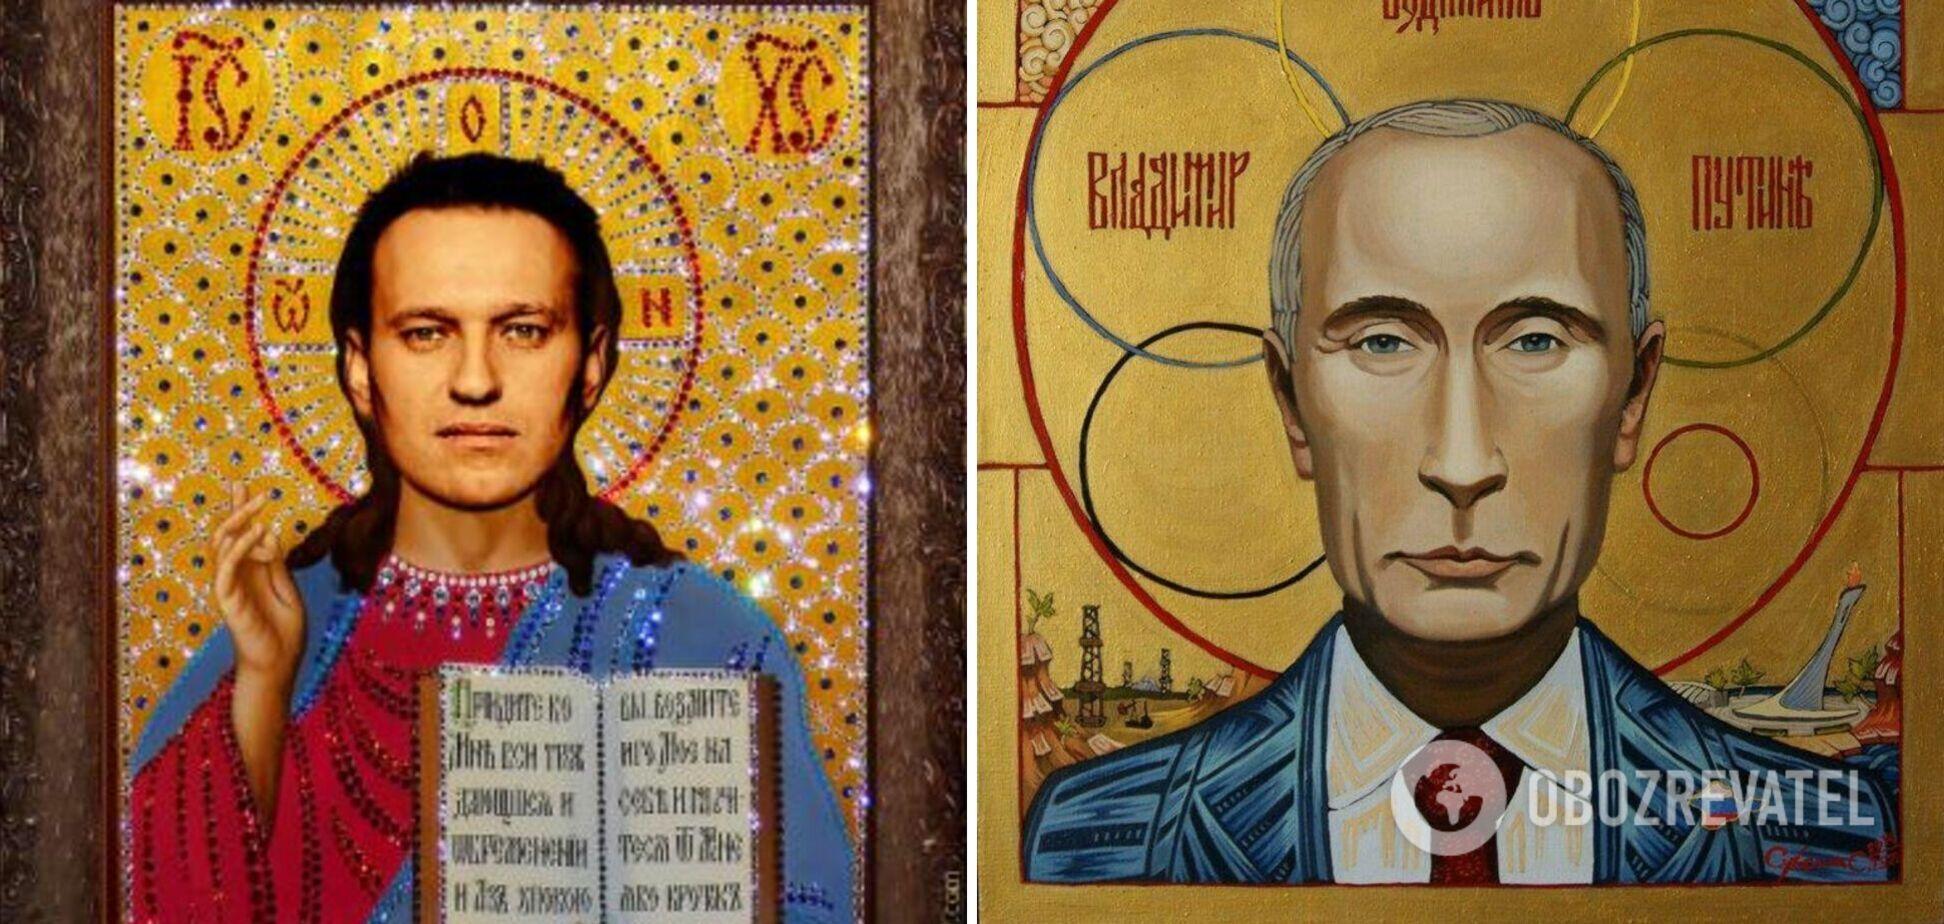 Сакрализация Навального дошла до опаснейшей точки. Так даже Гитлера не мифологизировали